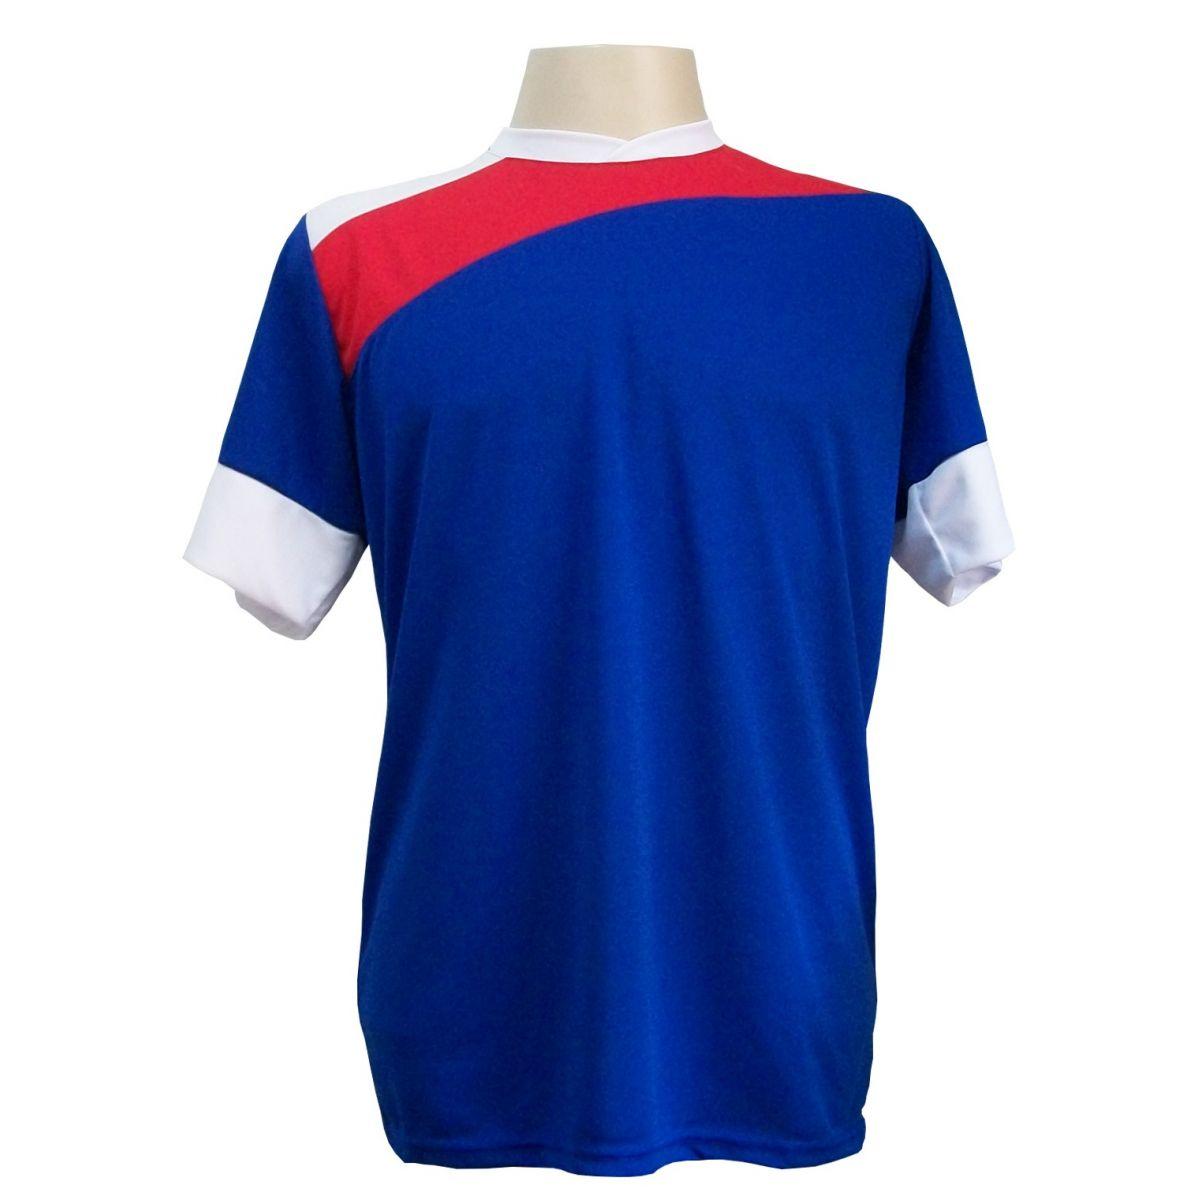 Jogo de Camisa com 14 pe�as Sporting Royal/Vermelho/Branco - Frete Gr�tis + Brindes